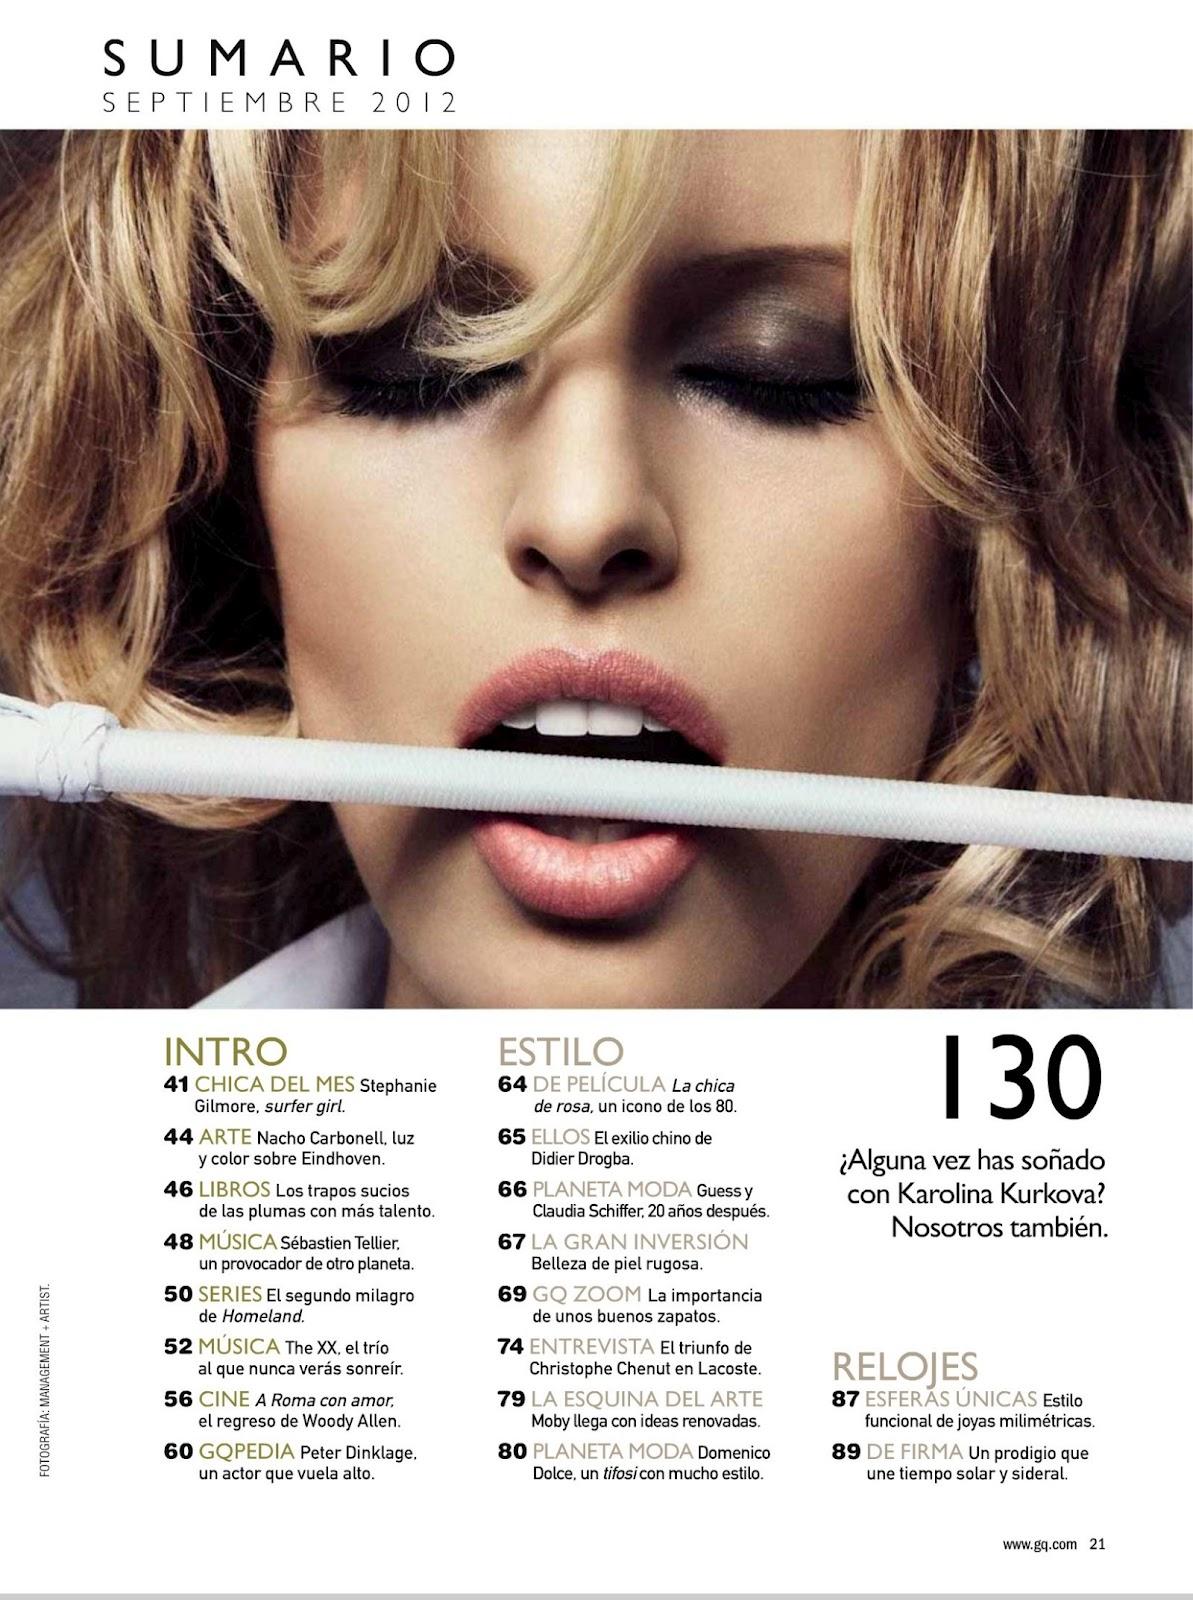 http://3.bp.blogspot.com/-kRur9jqlSBU/UExXqRi0ABI/AAAAAAAAKcU/CdZkh9pnM10/s1600/Karolina+Kurkova+%E2%80%93+GQ+Spain+Magazine+(September+2012)+(2).jpg